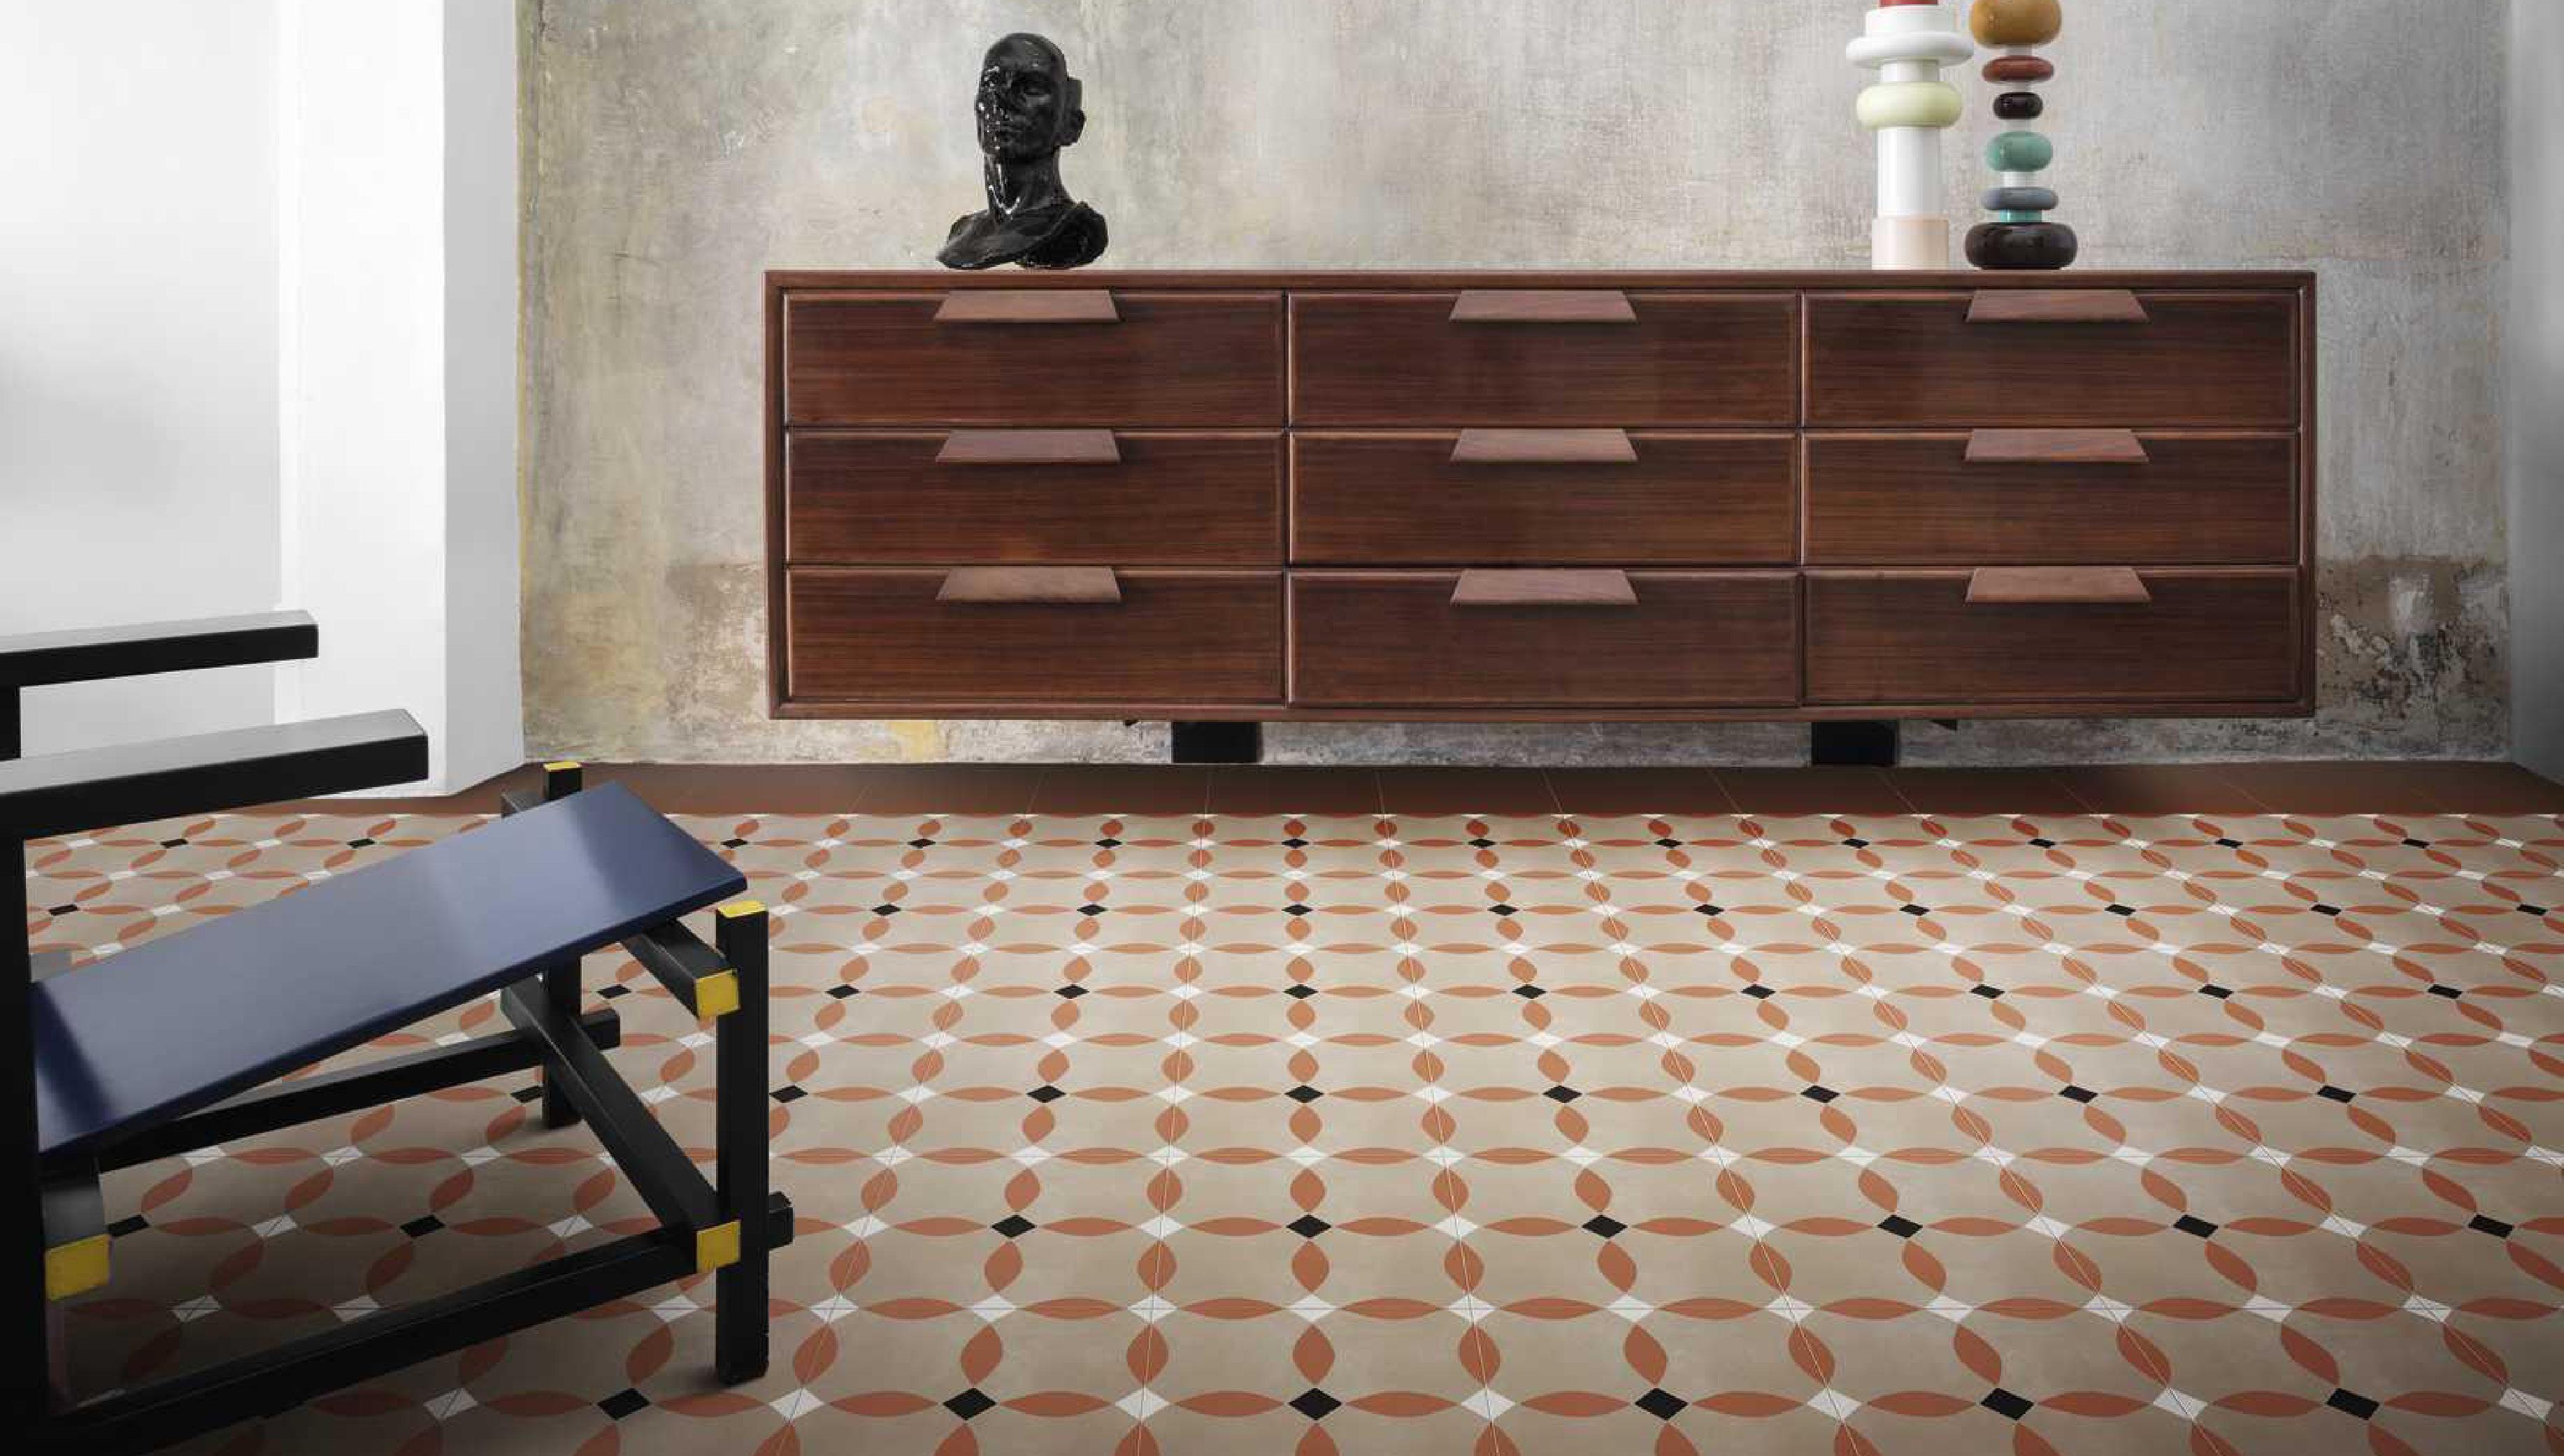 Marazzi keramične ploščice - ko se združita kakovost in italijanski slog